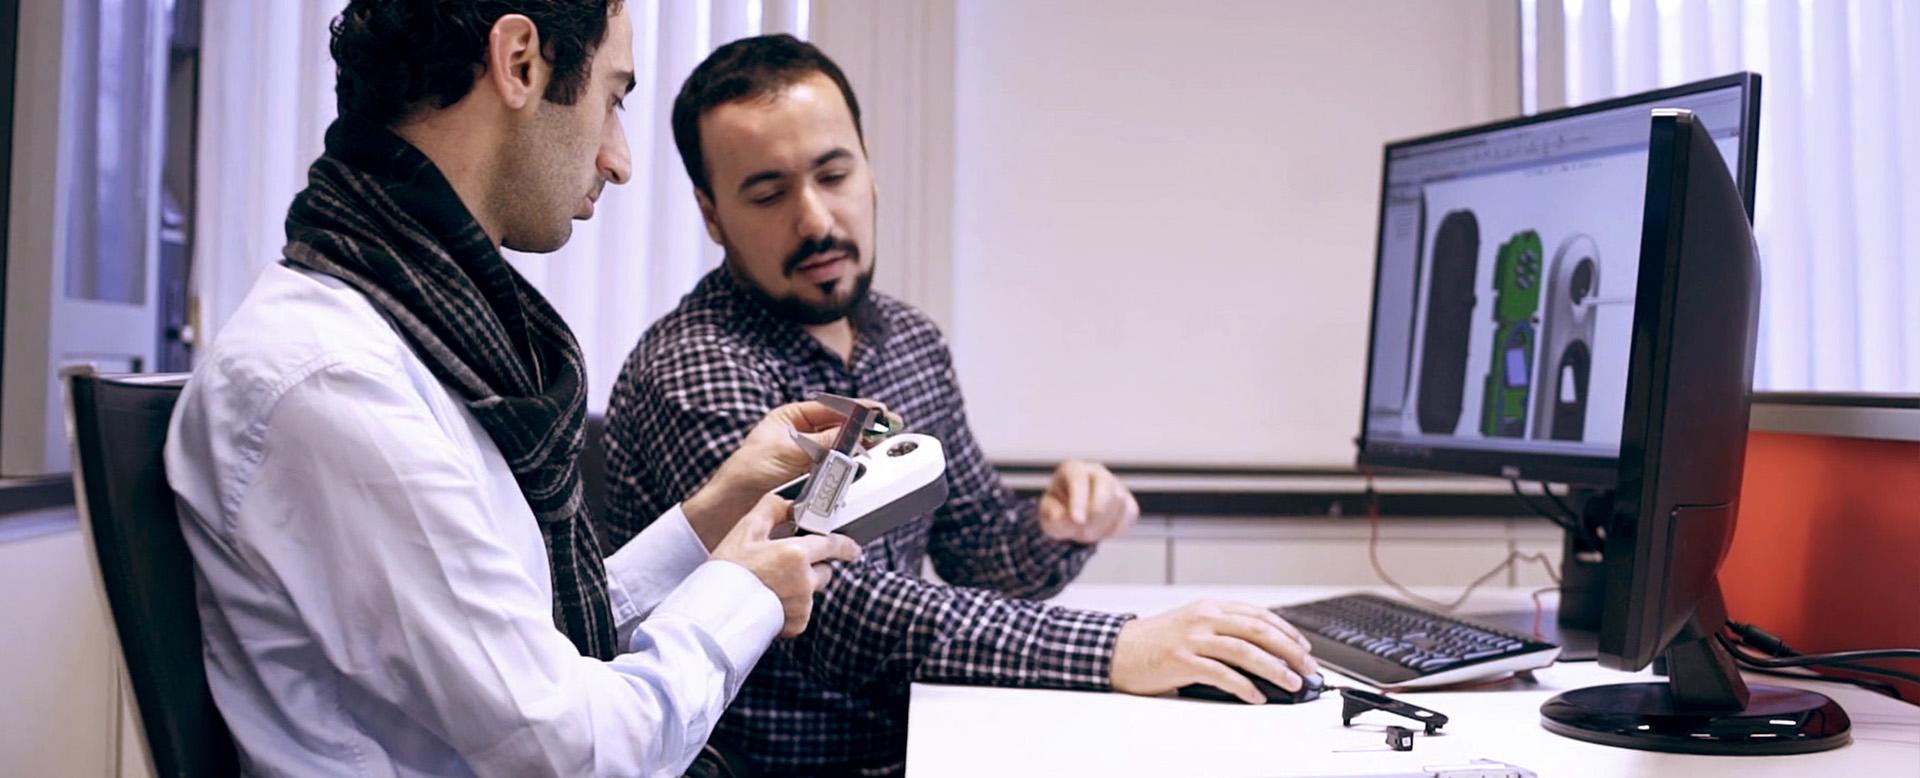 Arman Tasarım'ın üretim stratejisine örnek proje: Armon görseli